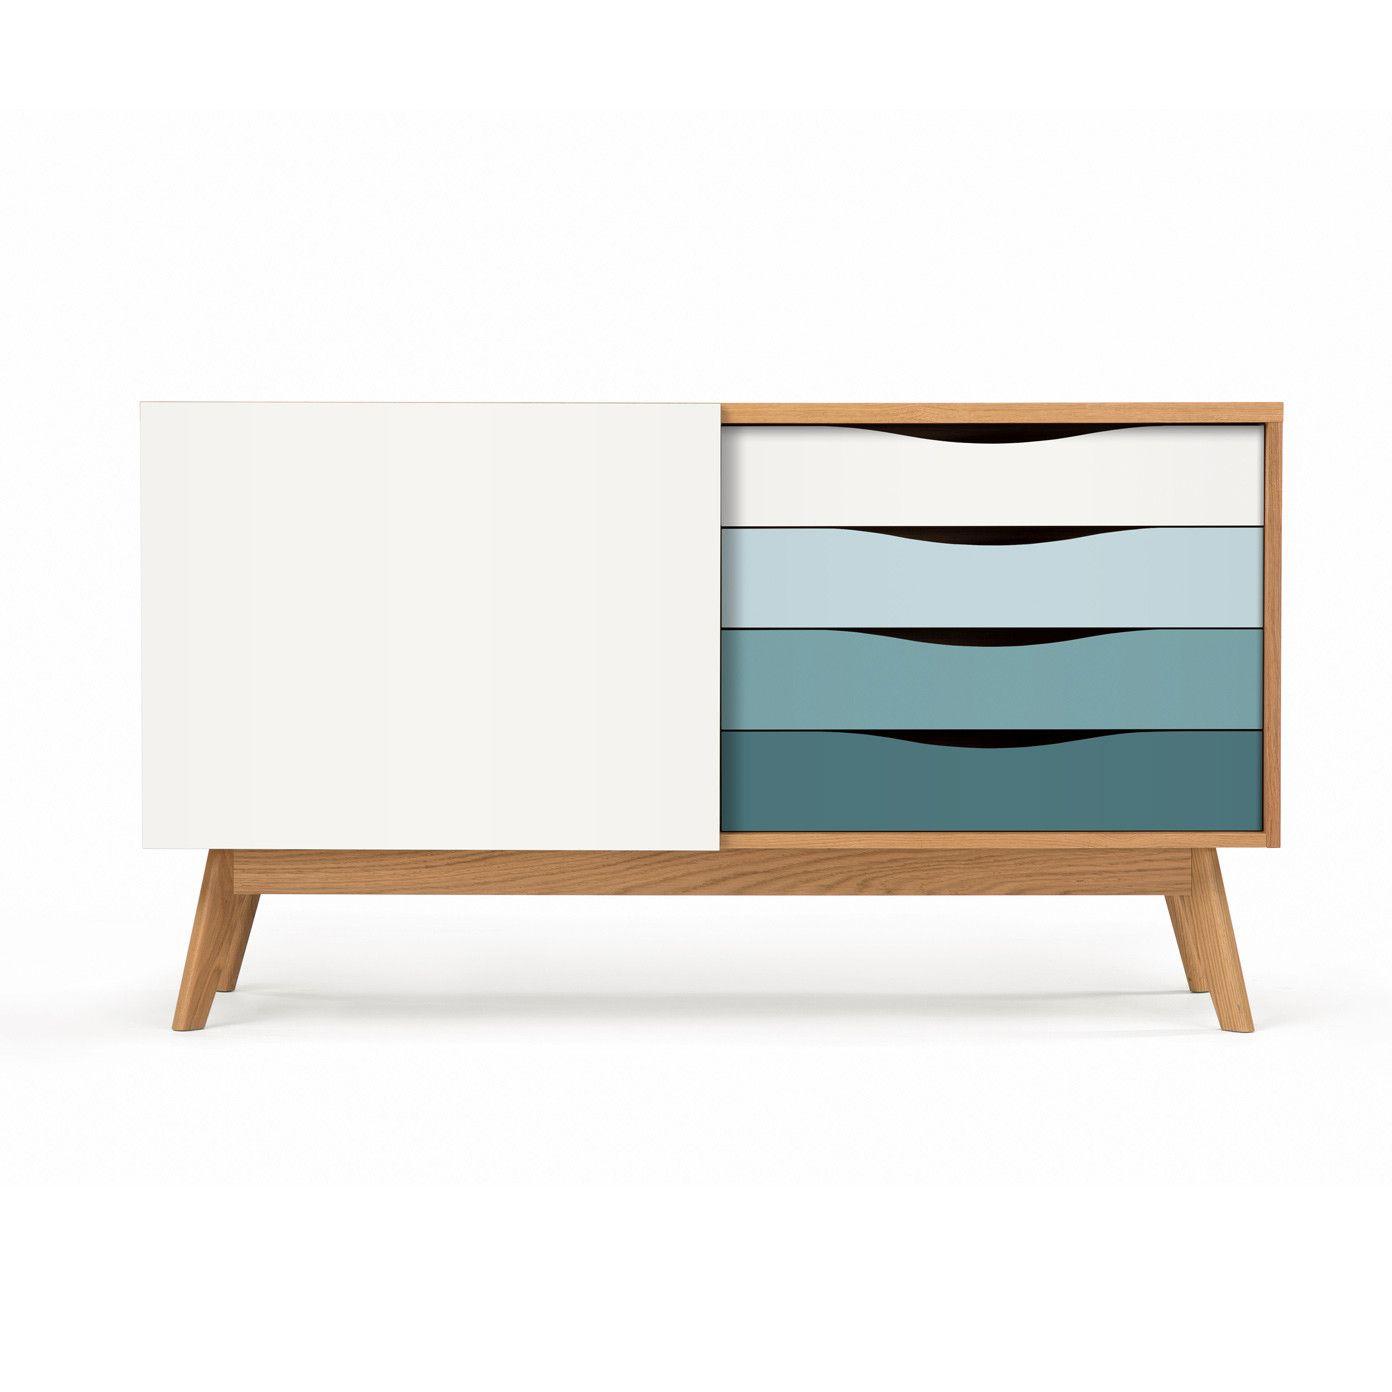 Beeindruckend Woodman Möbel Ideen Von MØbla | Sideboard Avon By – Møbla